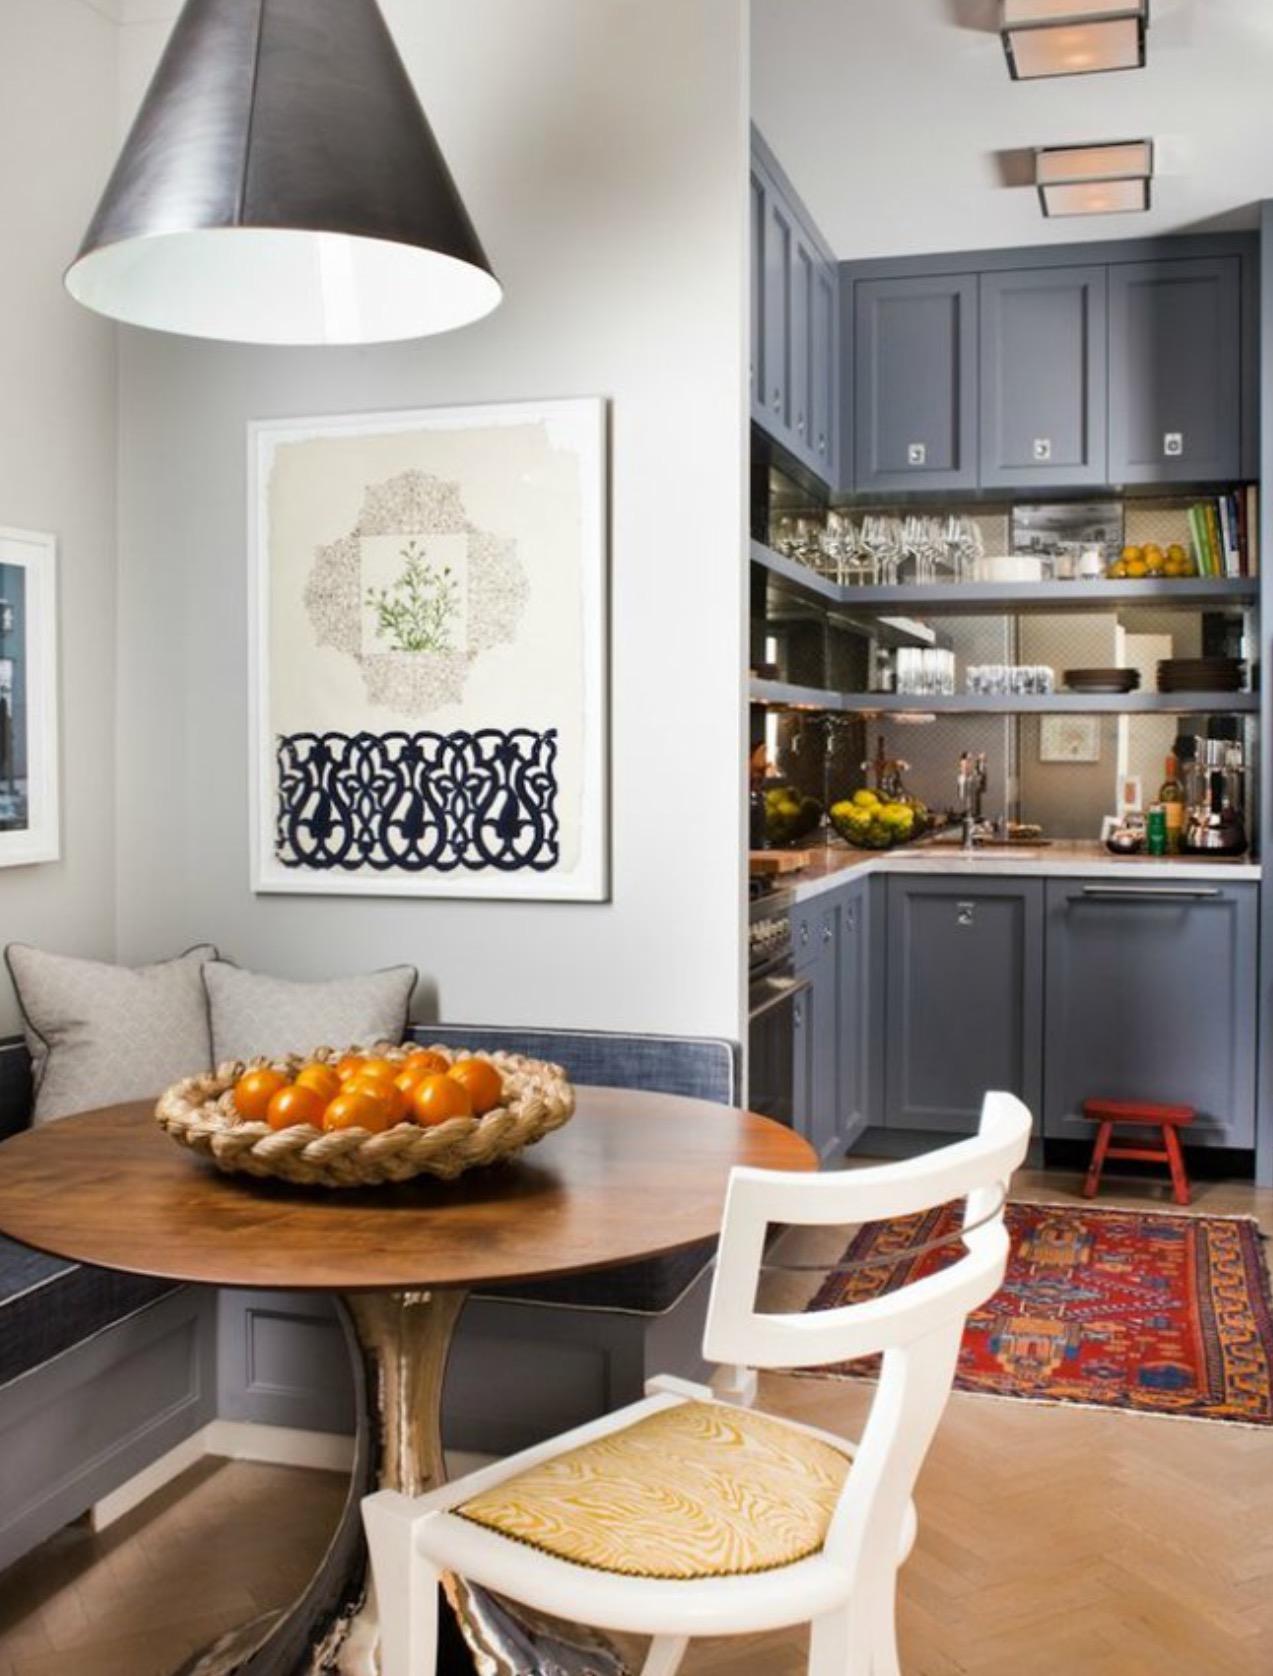 statt esszimmer kleine essecke in der k che gestalten. Black Bedroom Furniture Sets. Home Design Ideas